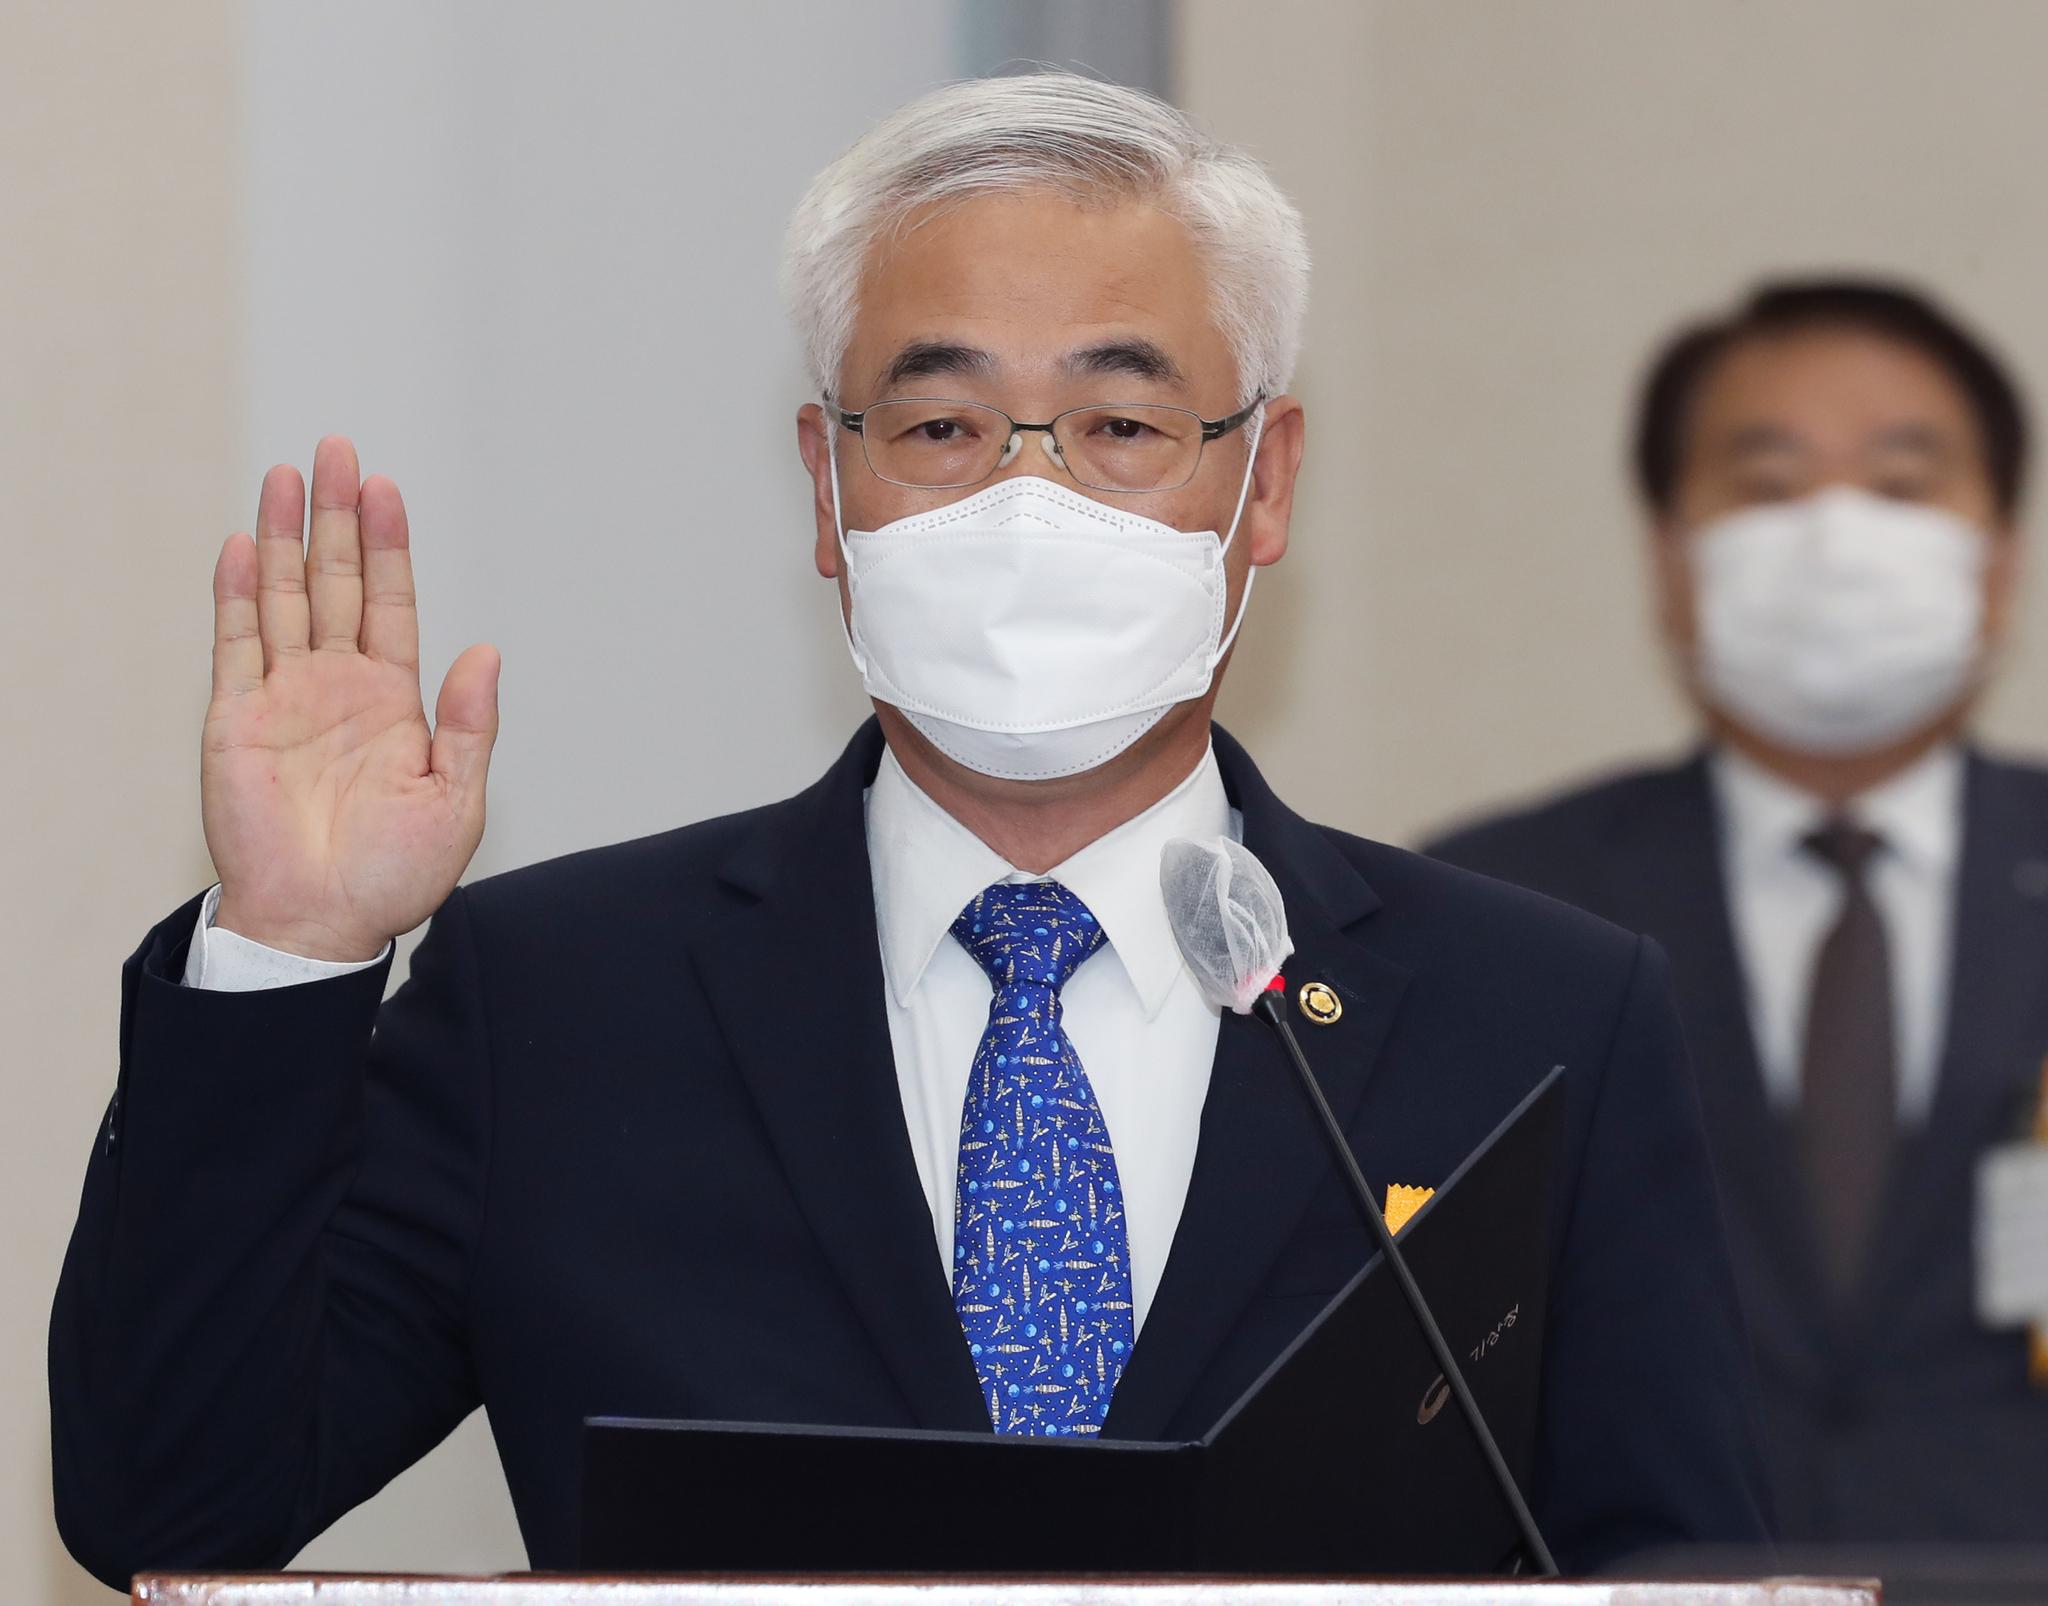 김종석 기상청장이 12일 서울 여의도 국회에서 열린 환경노동위원회의 기상청 등에 대한 국정감사에서 증인선서를 하고 있다. 뉴스1